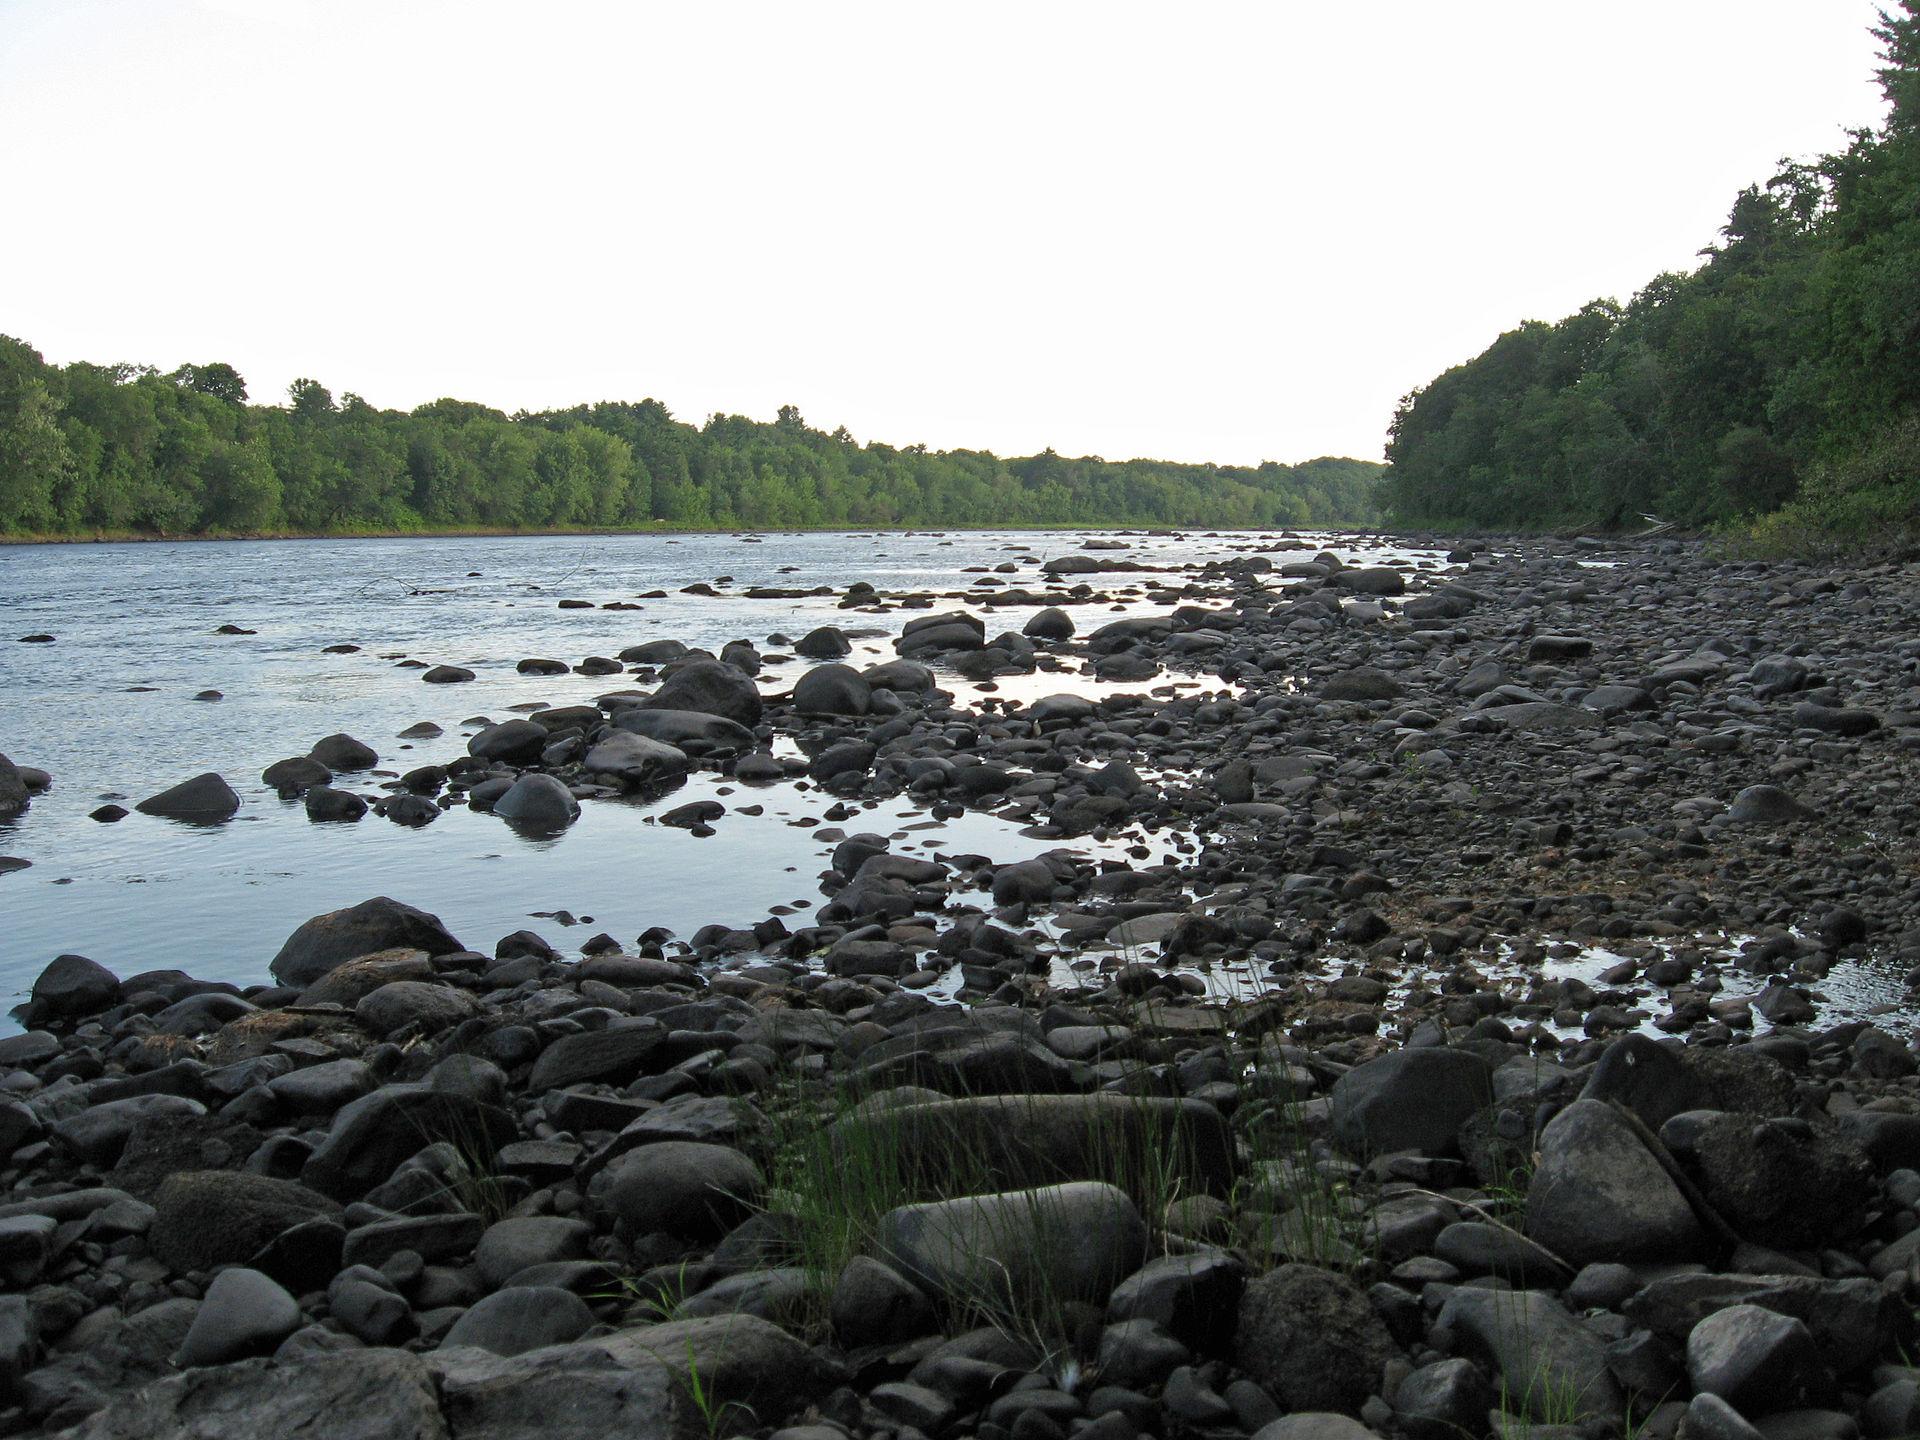 University Of Maine >> Marsh Island (Maine) - Wikipedia